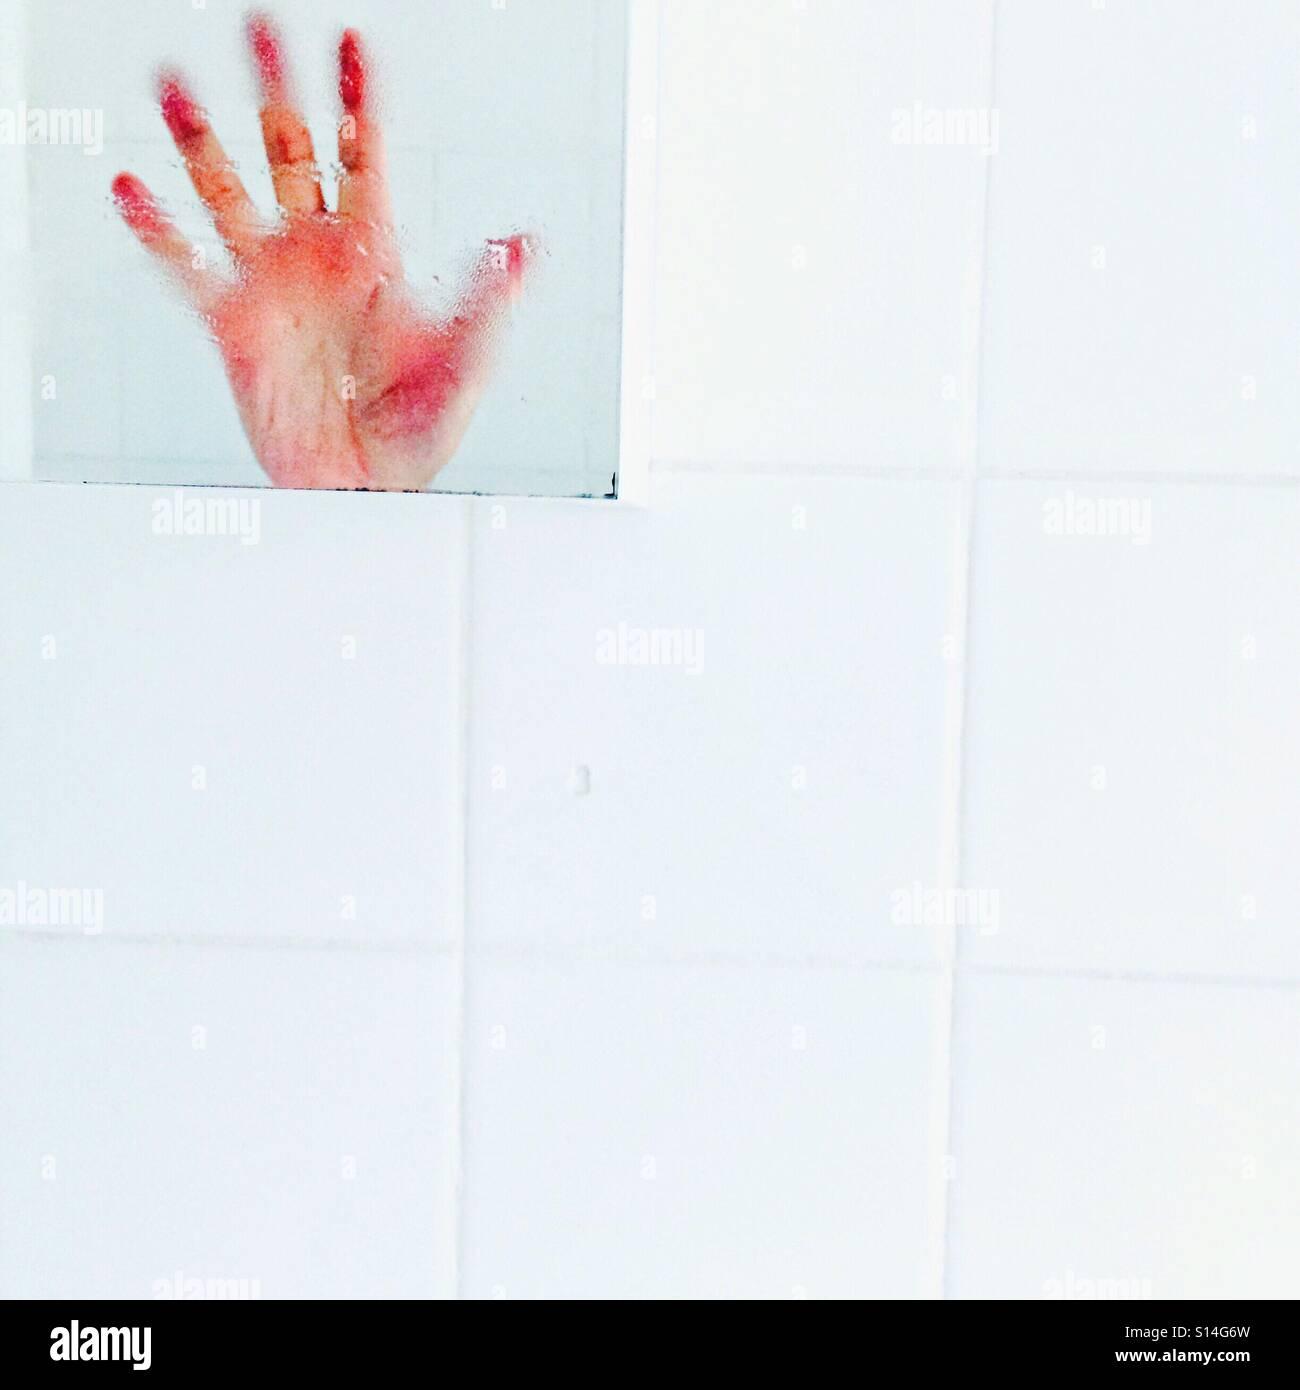 Hände hoch!  Eine Hand auf weißen Fliesen in einem Badezimmerspiegel reflektiert Stockbild